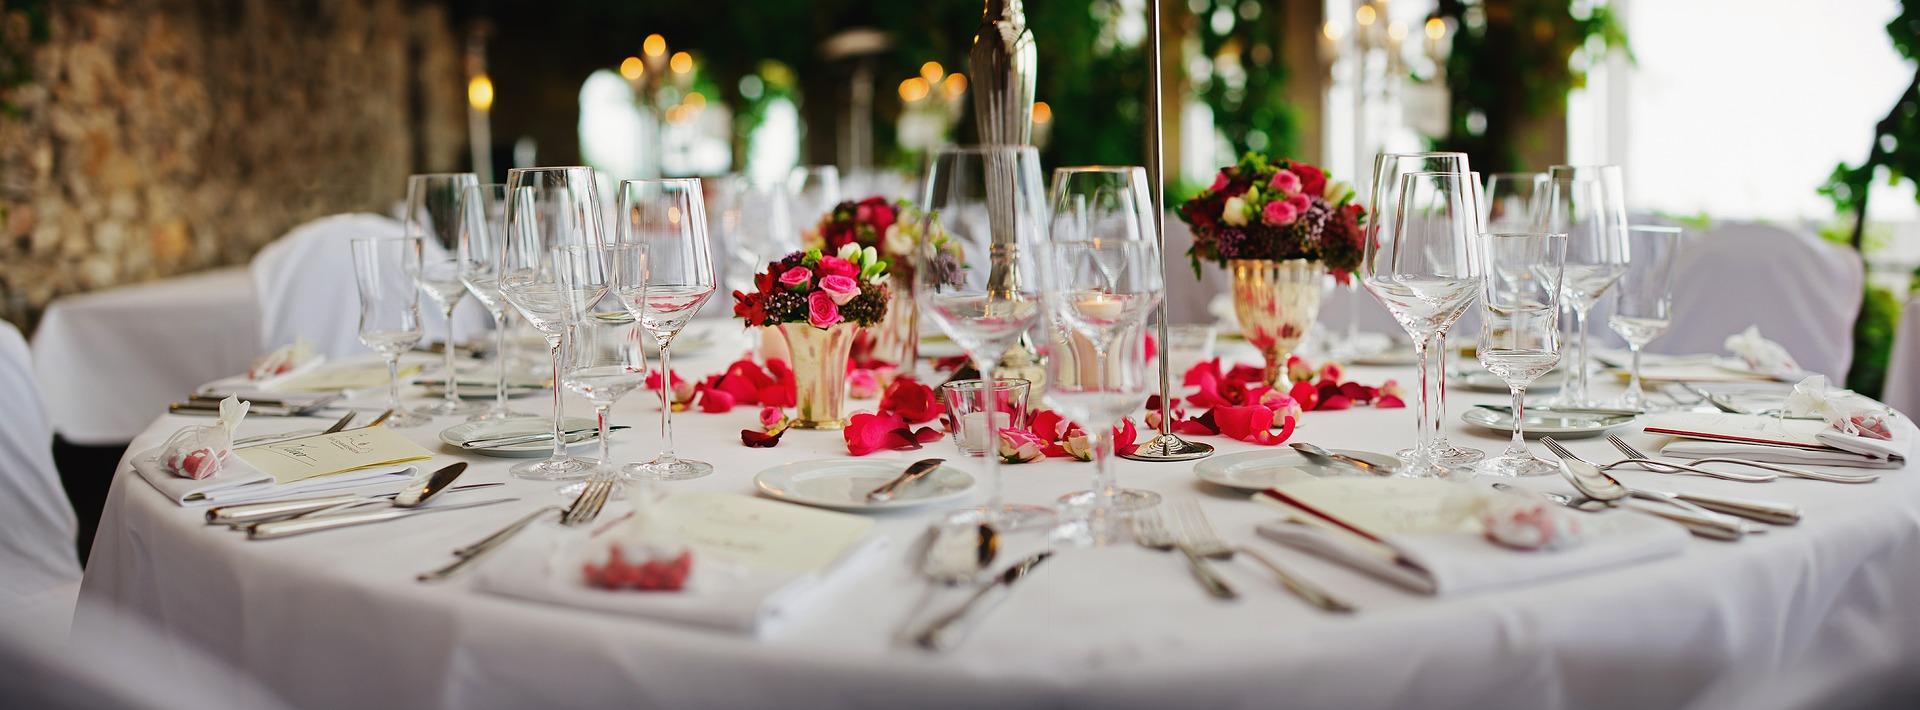 Украшенный стол: посуда, свечи, салфетки